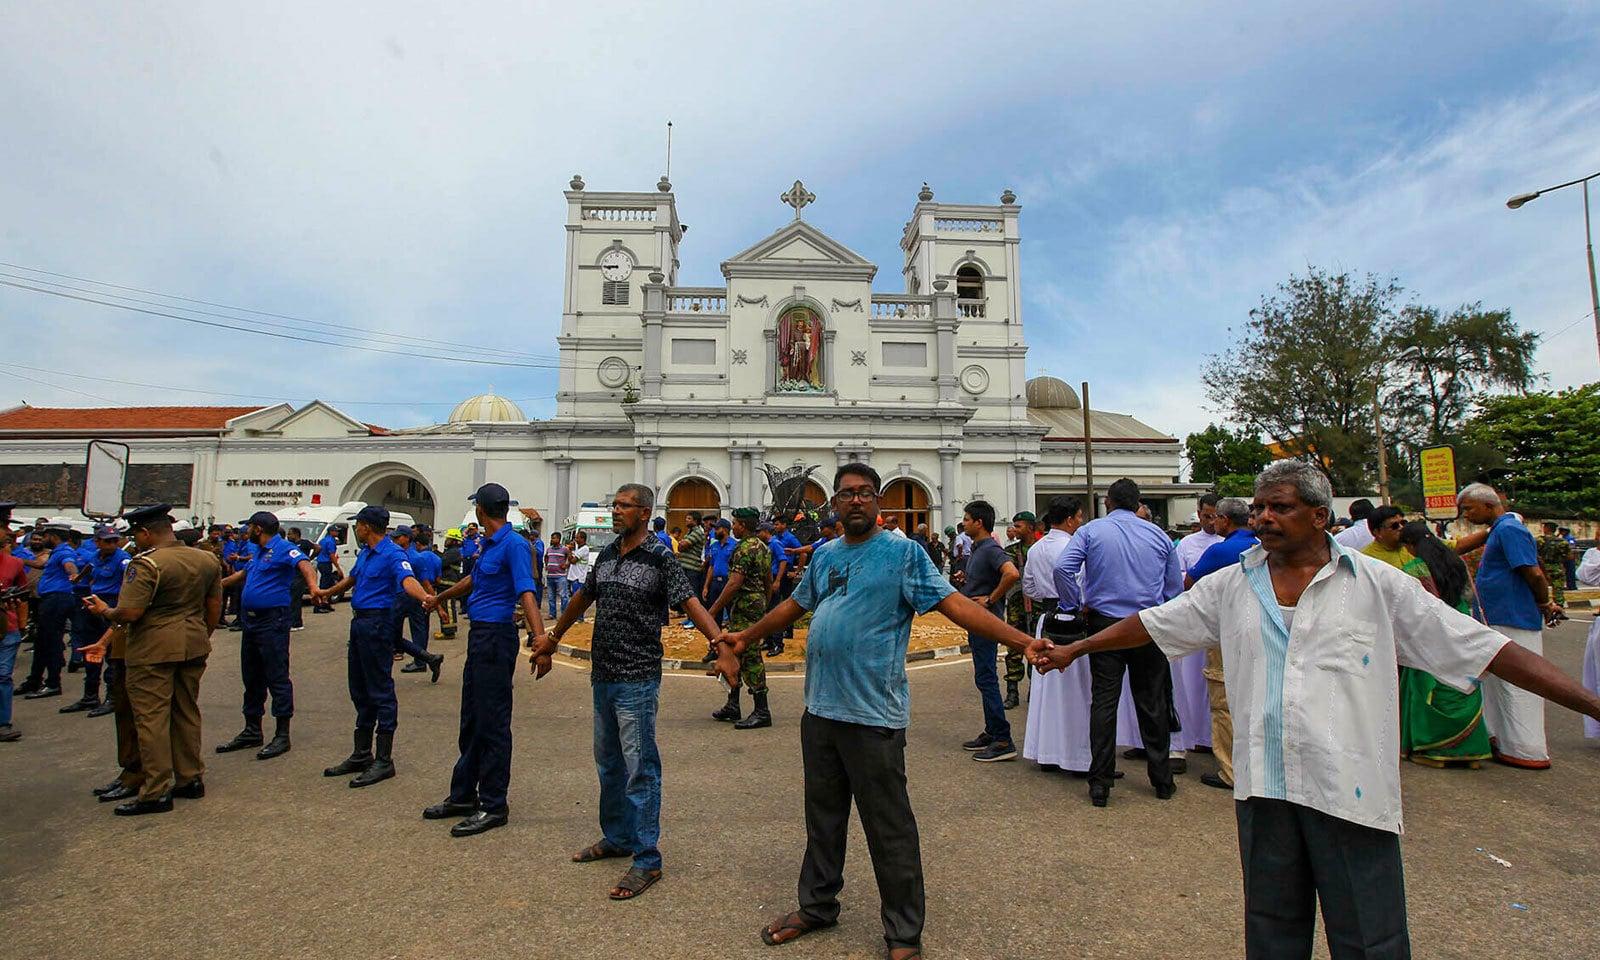 سری لنکا میں عارضی طور پر سوشل میڈیا پر پابندی عائد کردی گئی— فوٹو: اے پی